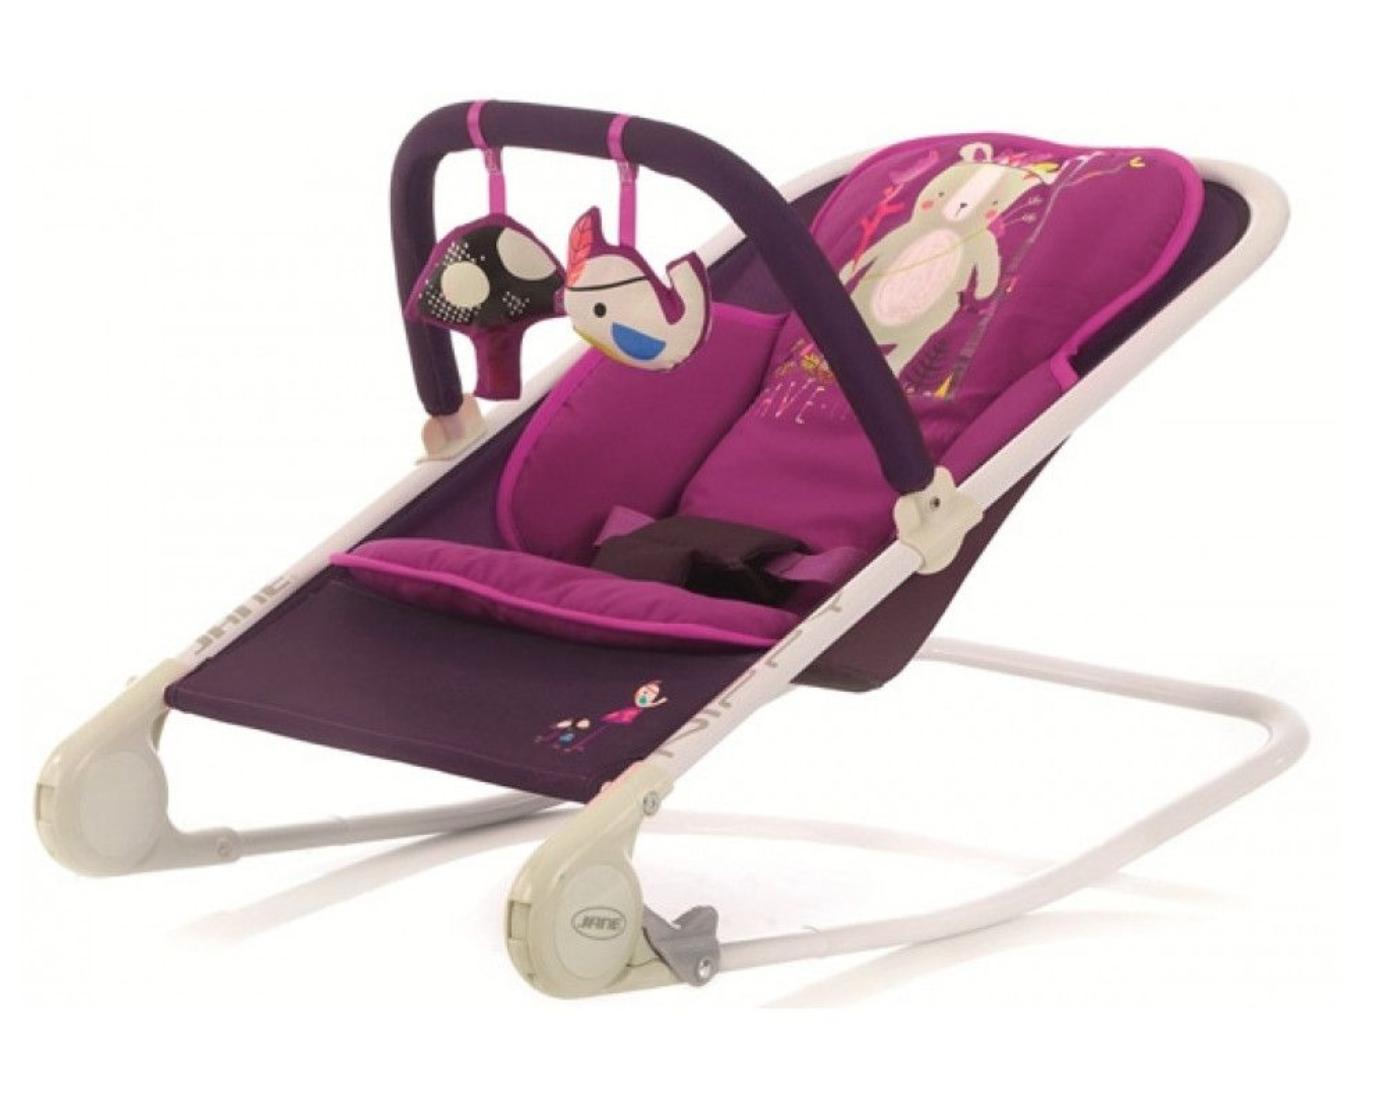 Eco Baby wipstoel Jane purple van 99,99 voor 29,99